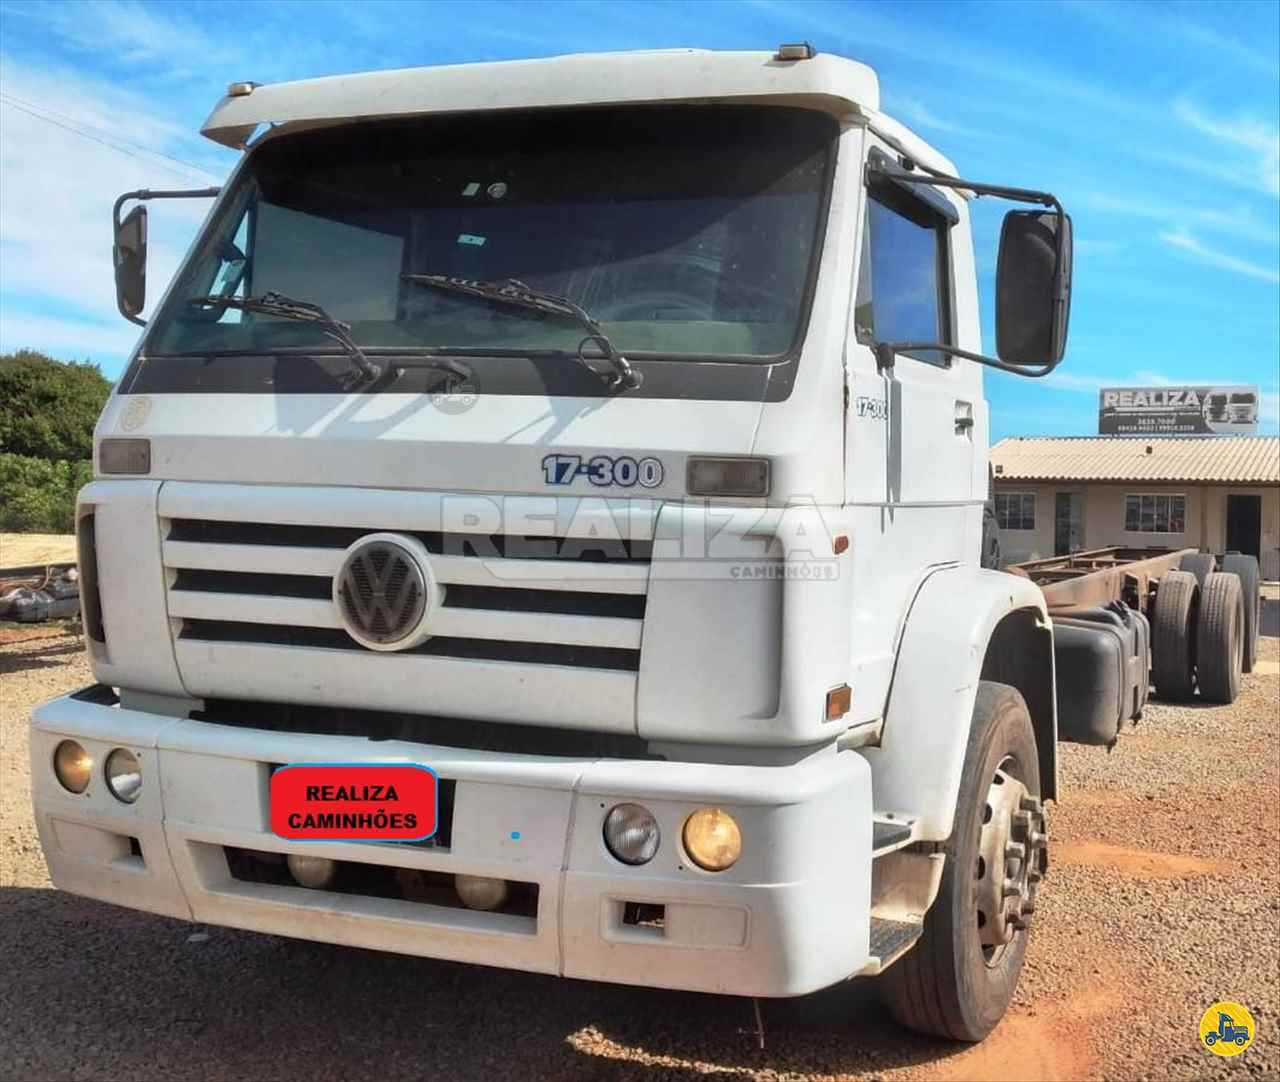 CAMINHAO VOLKSWAGEN VW 17300 Chassis Truck 6x2 Realiza Caminhões - Umuarama UMUARAMA PARANÁ PR